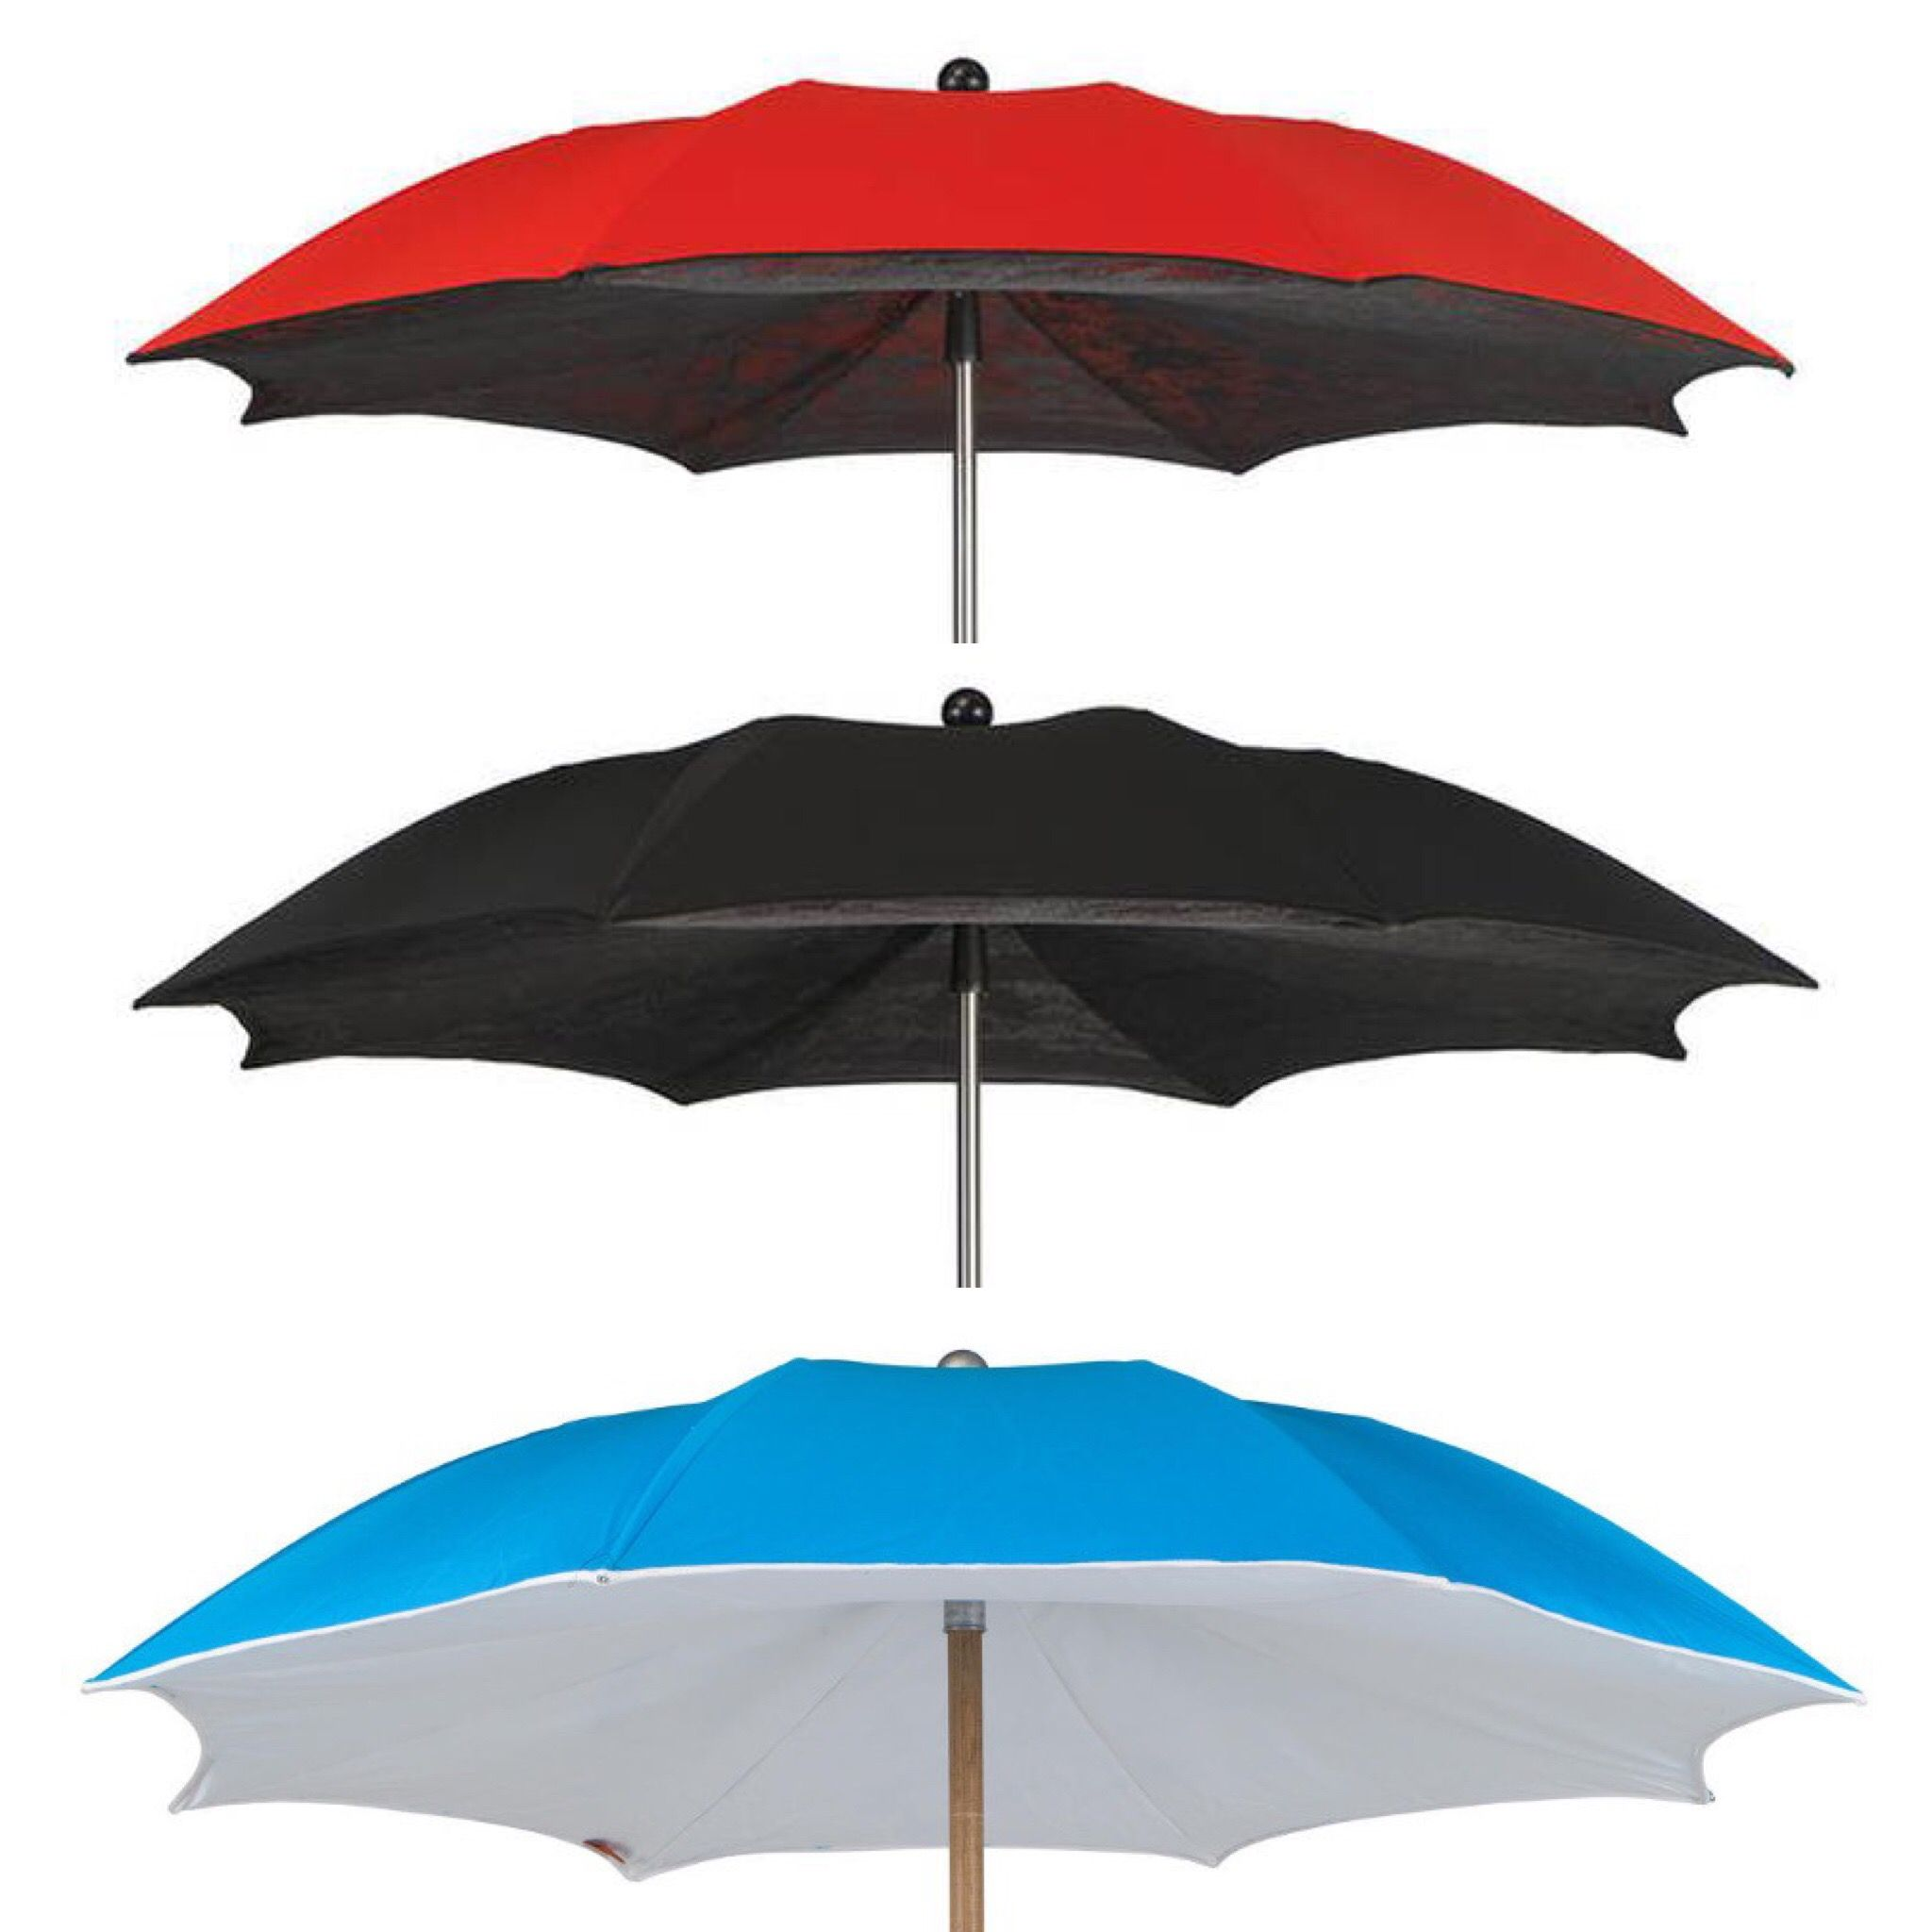 Plaj şemsiyesi seçimi